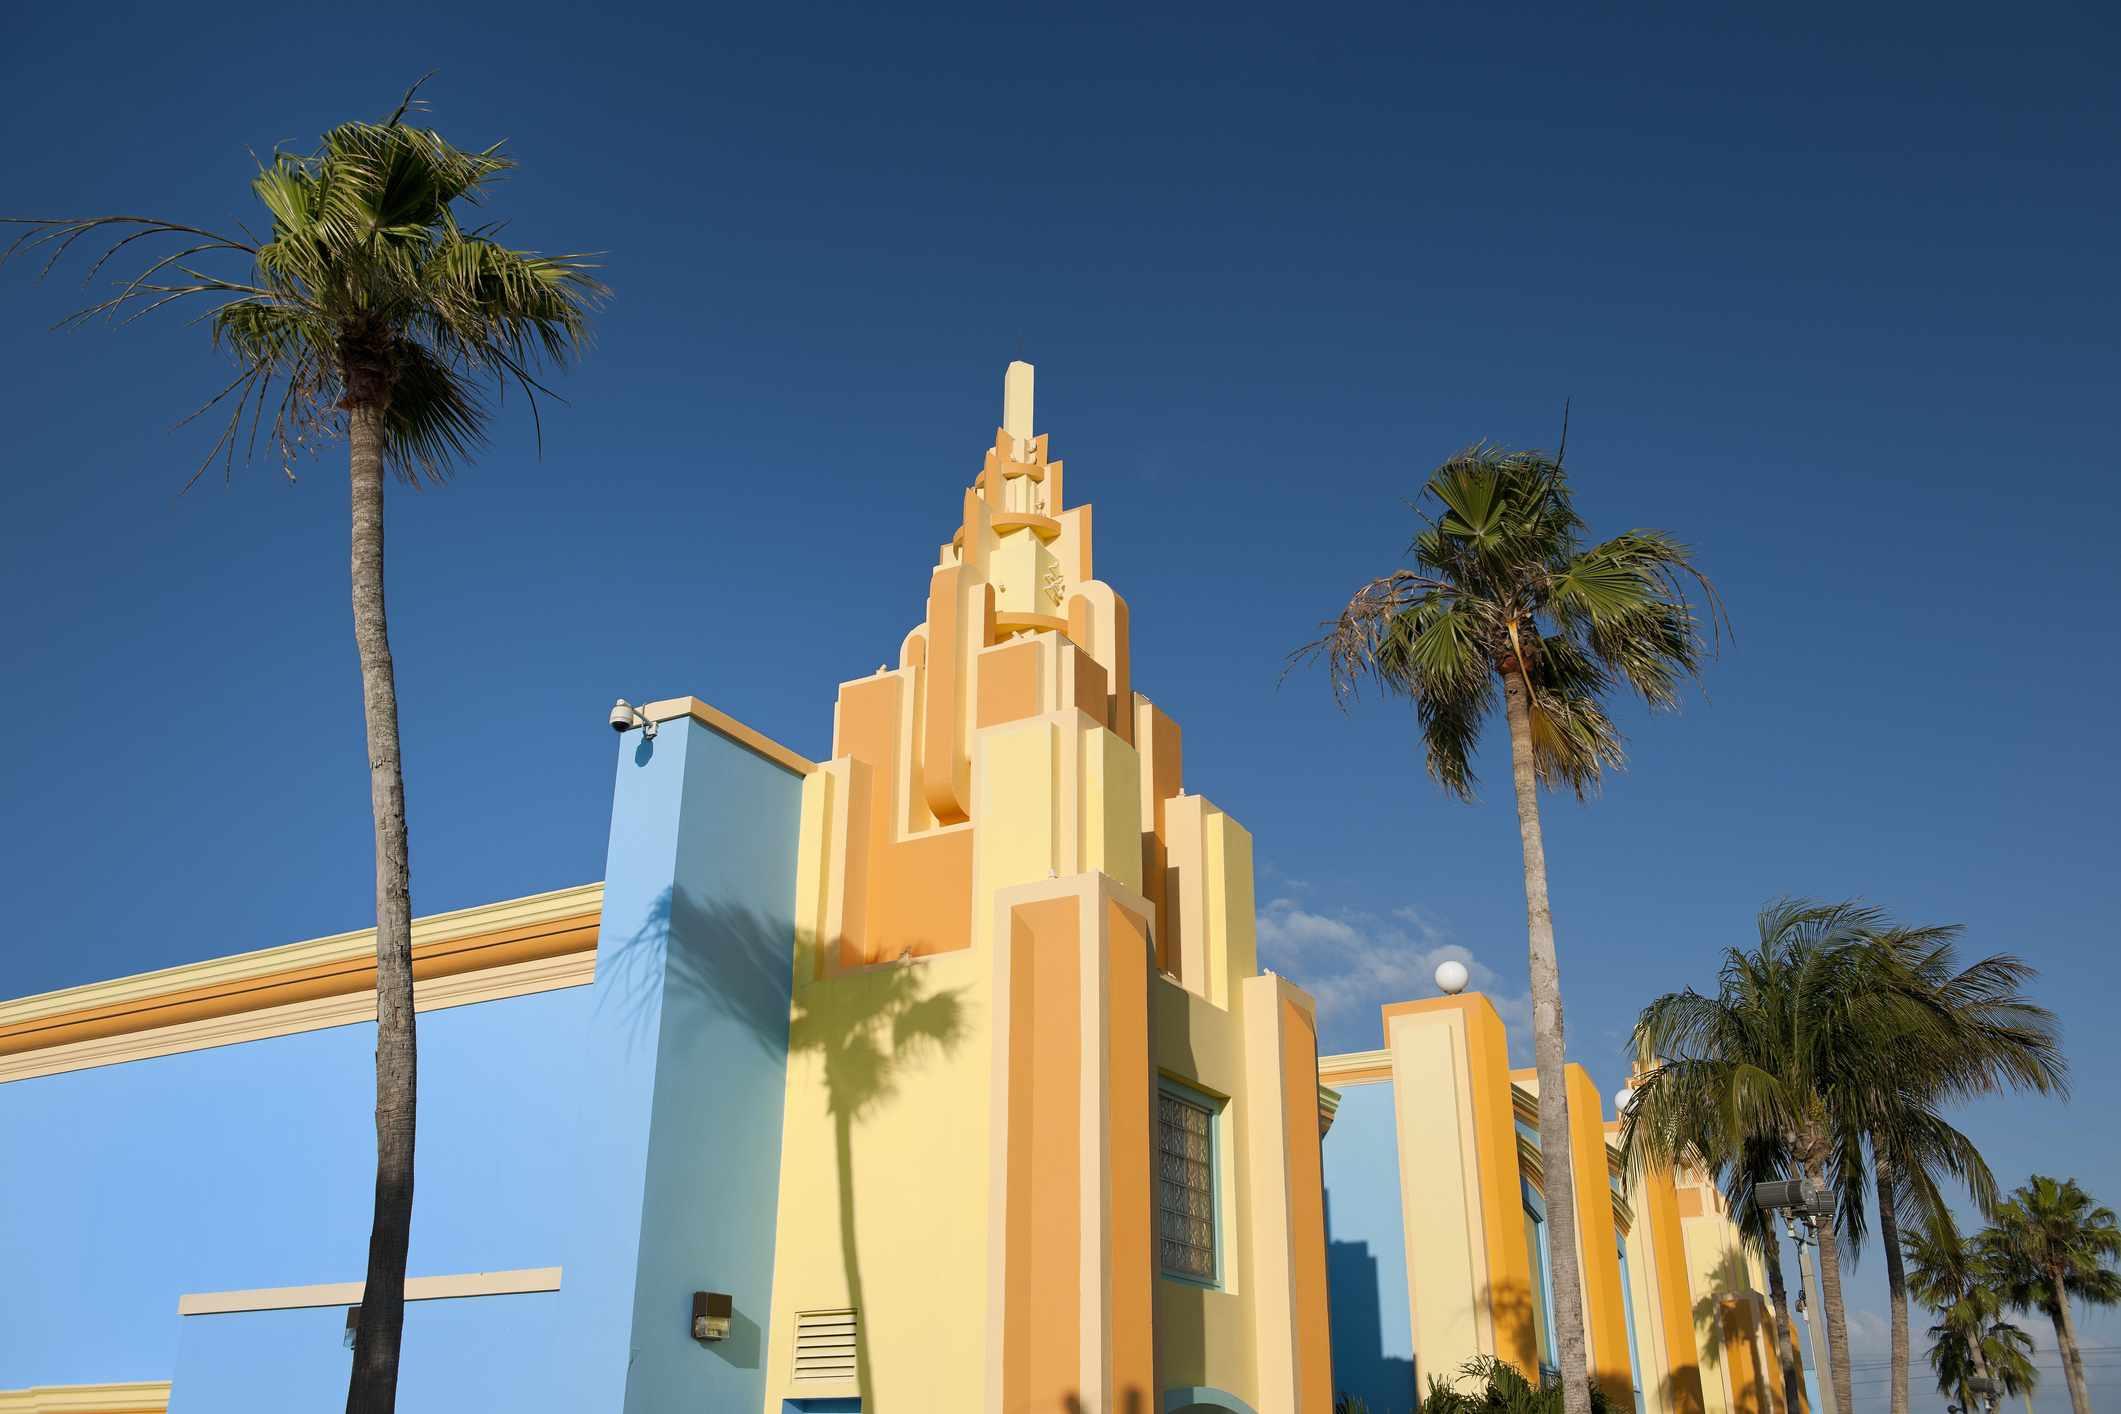 Art Deco structure in Miami